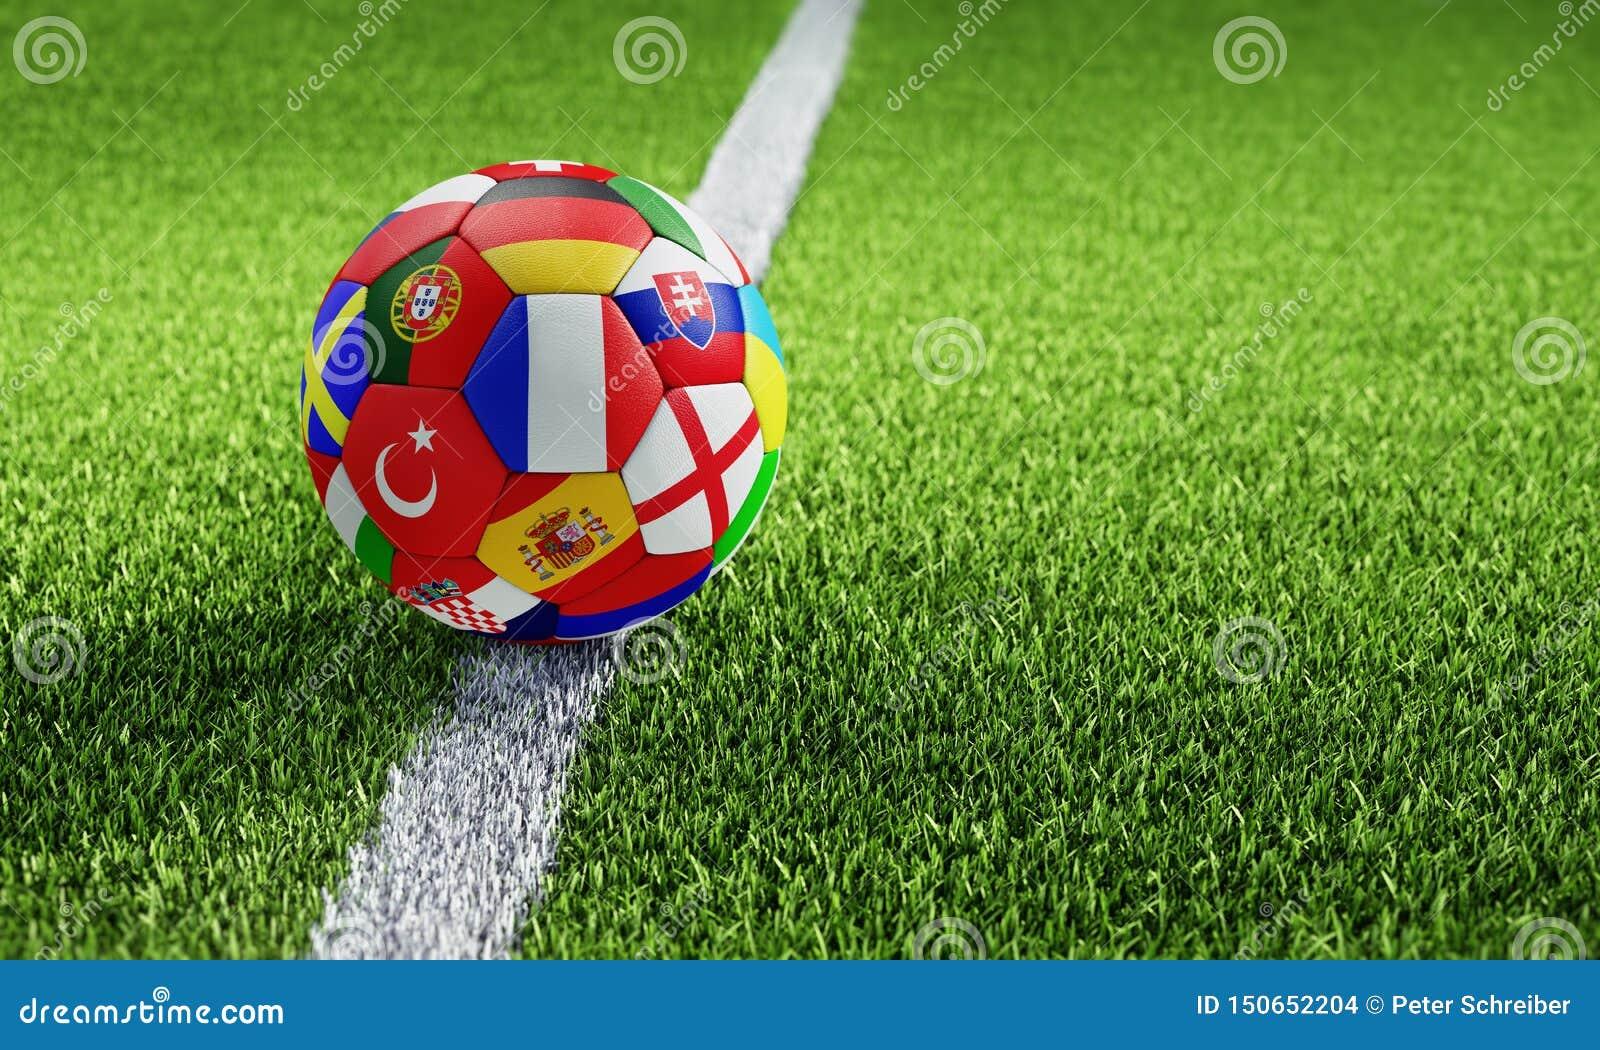 Voetbalbal geweven met Europese natievlaggen